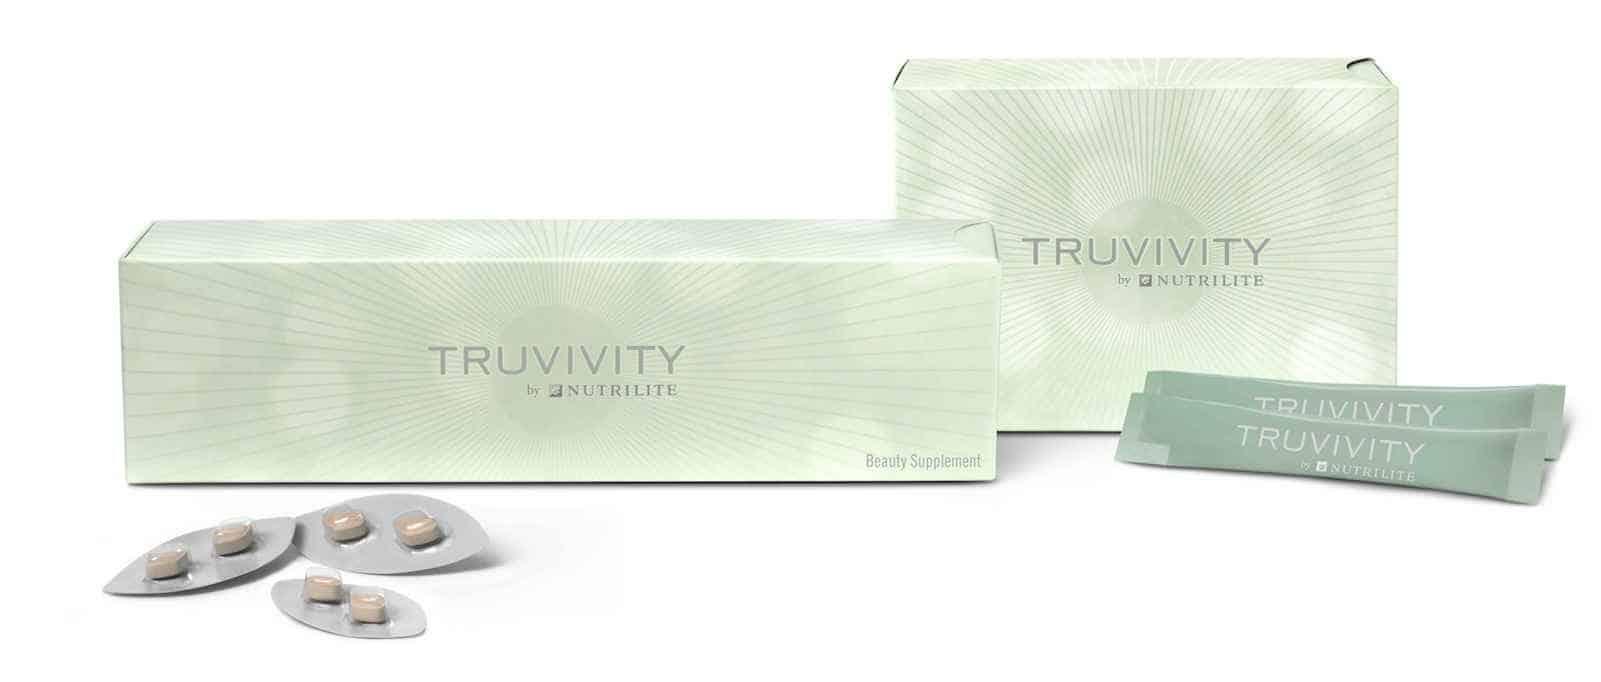 Truvivity by Nutrilite, perchè la bellezza della pelle nasce da dentro!